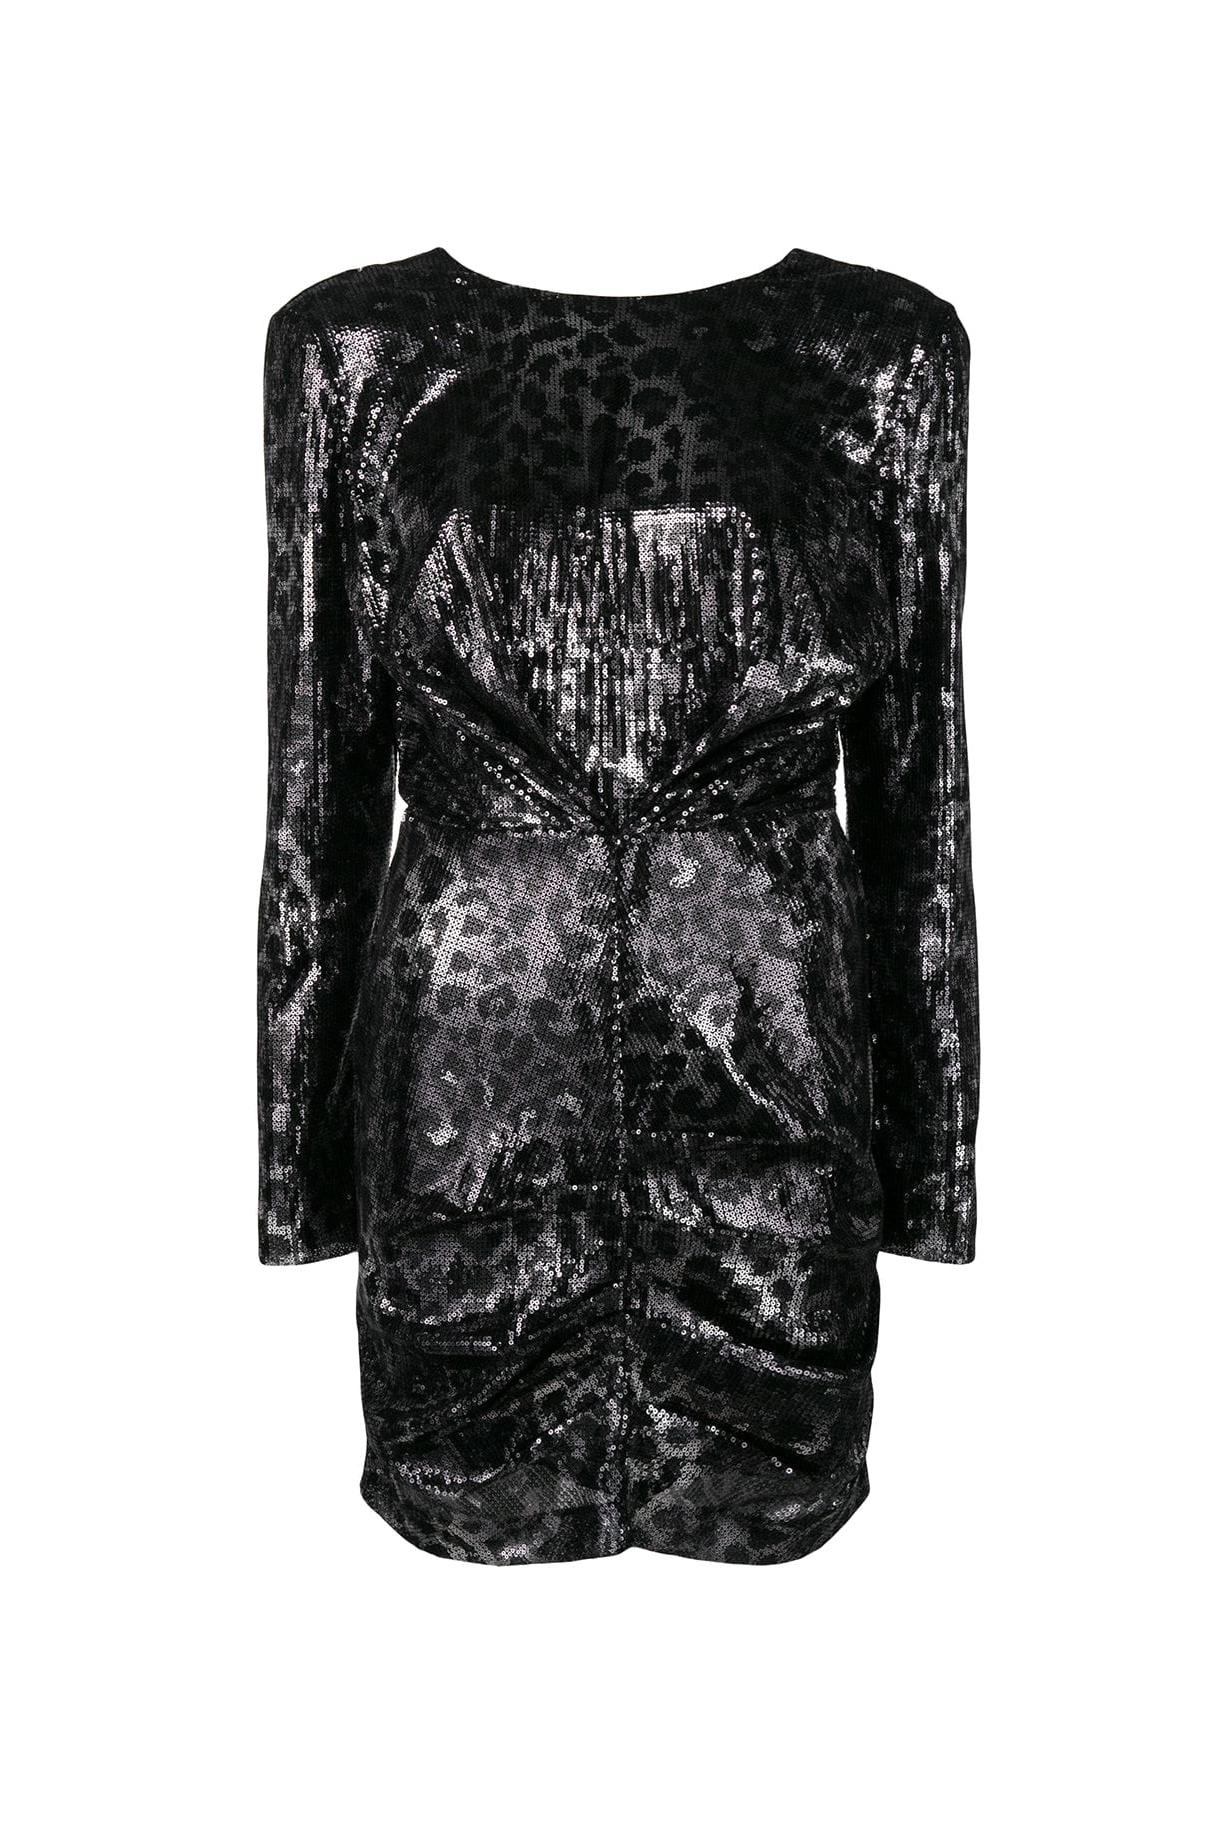 10 formas diferentes de usar um vestido preto – Industria